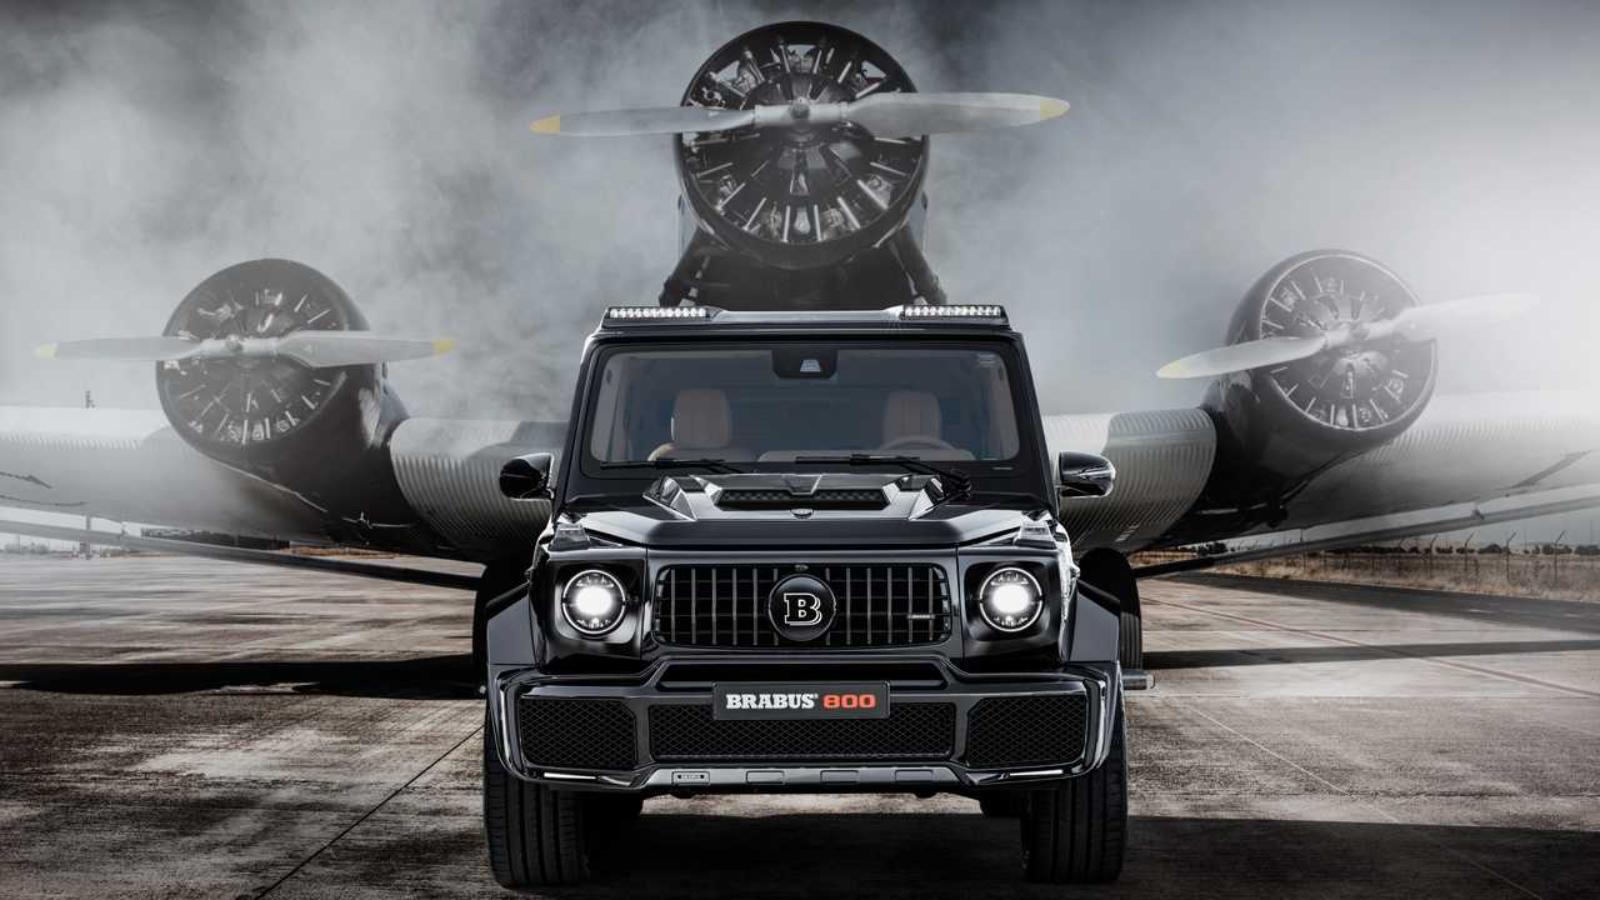 Brabus 800 Widestar G63 Tuned to 800 hp